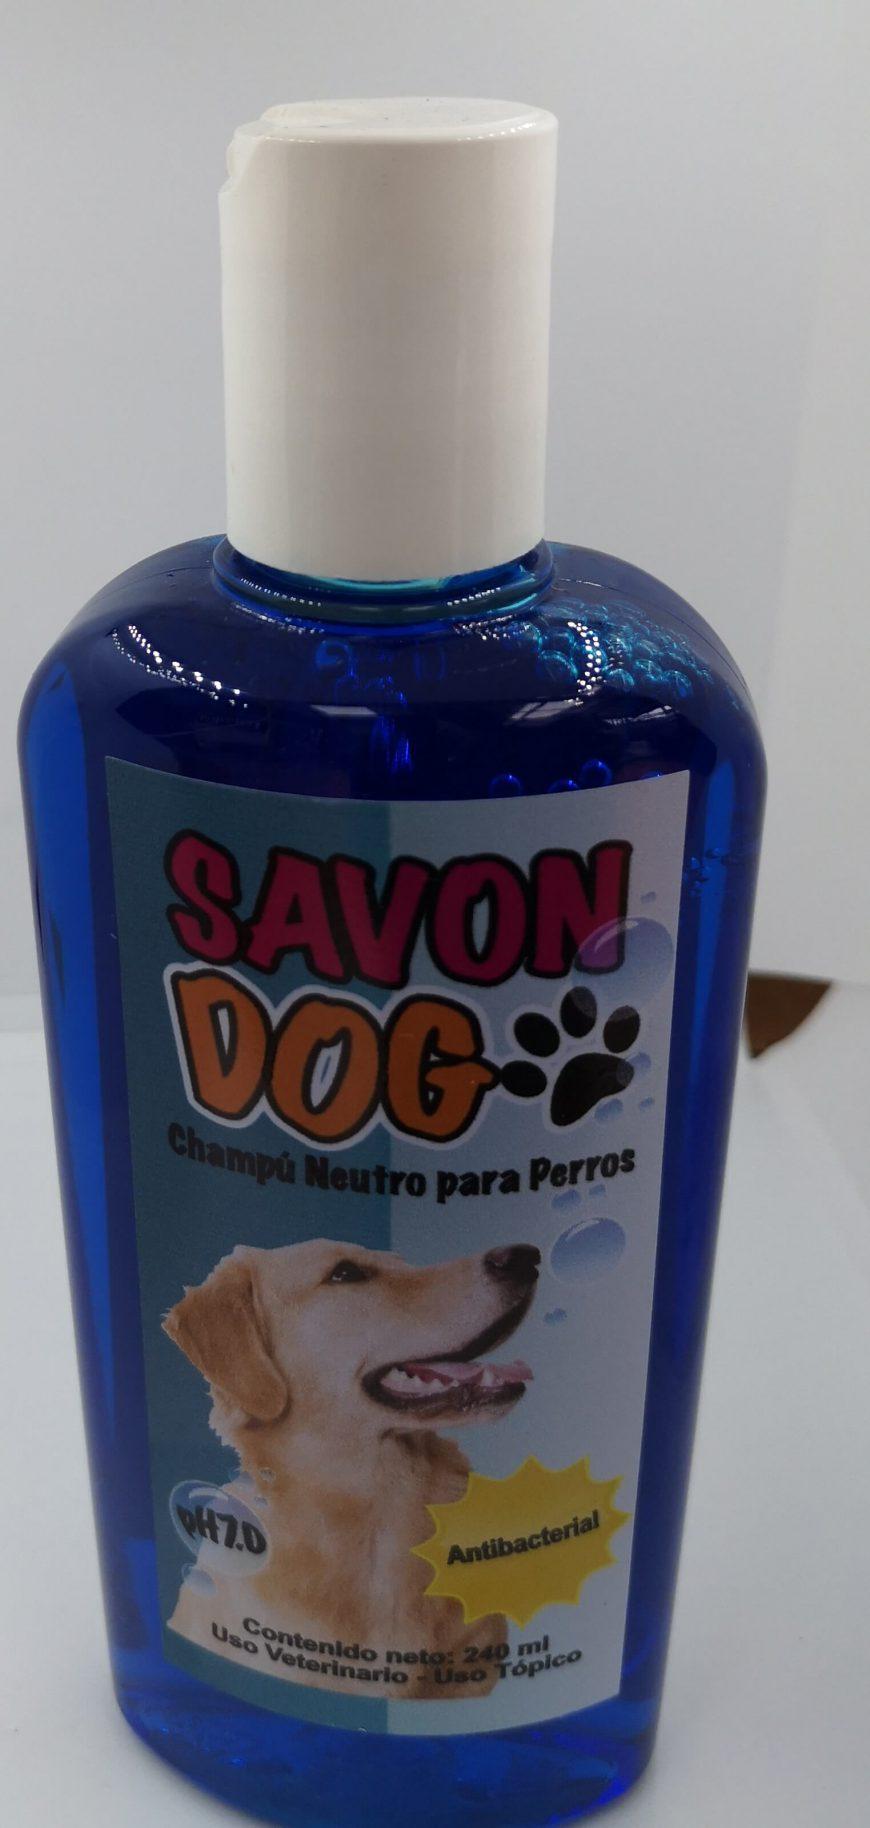 Shampoo Savon Dog para Perros